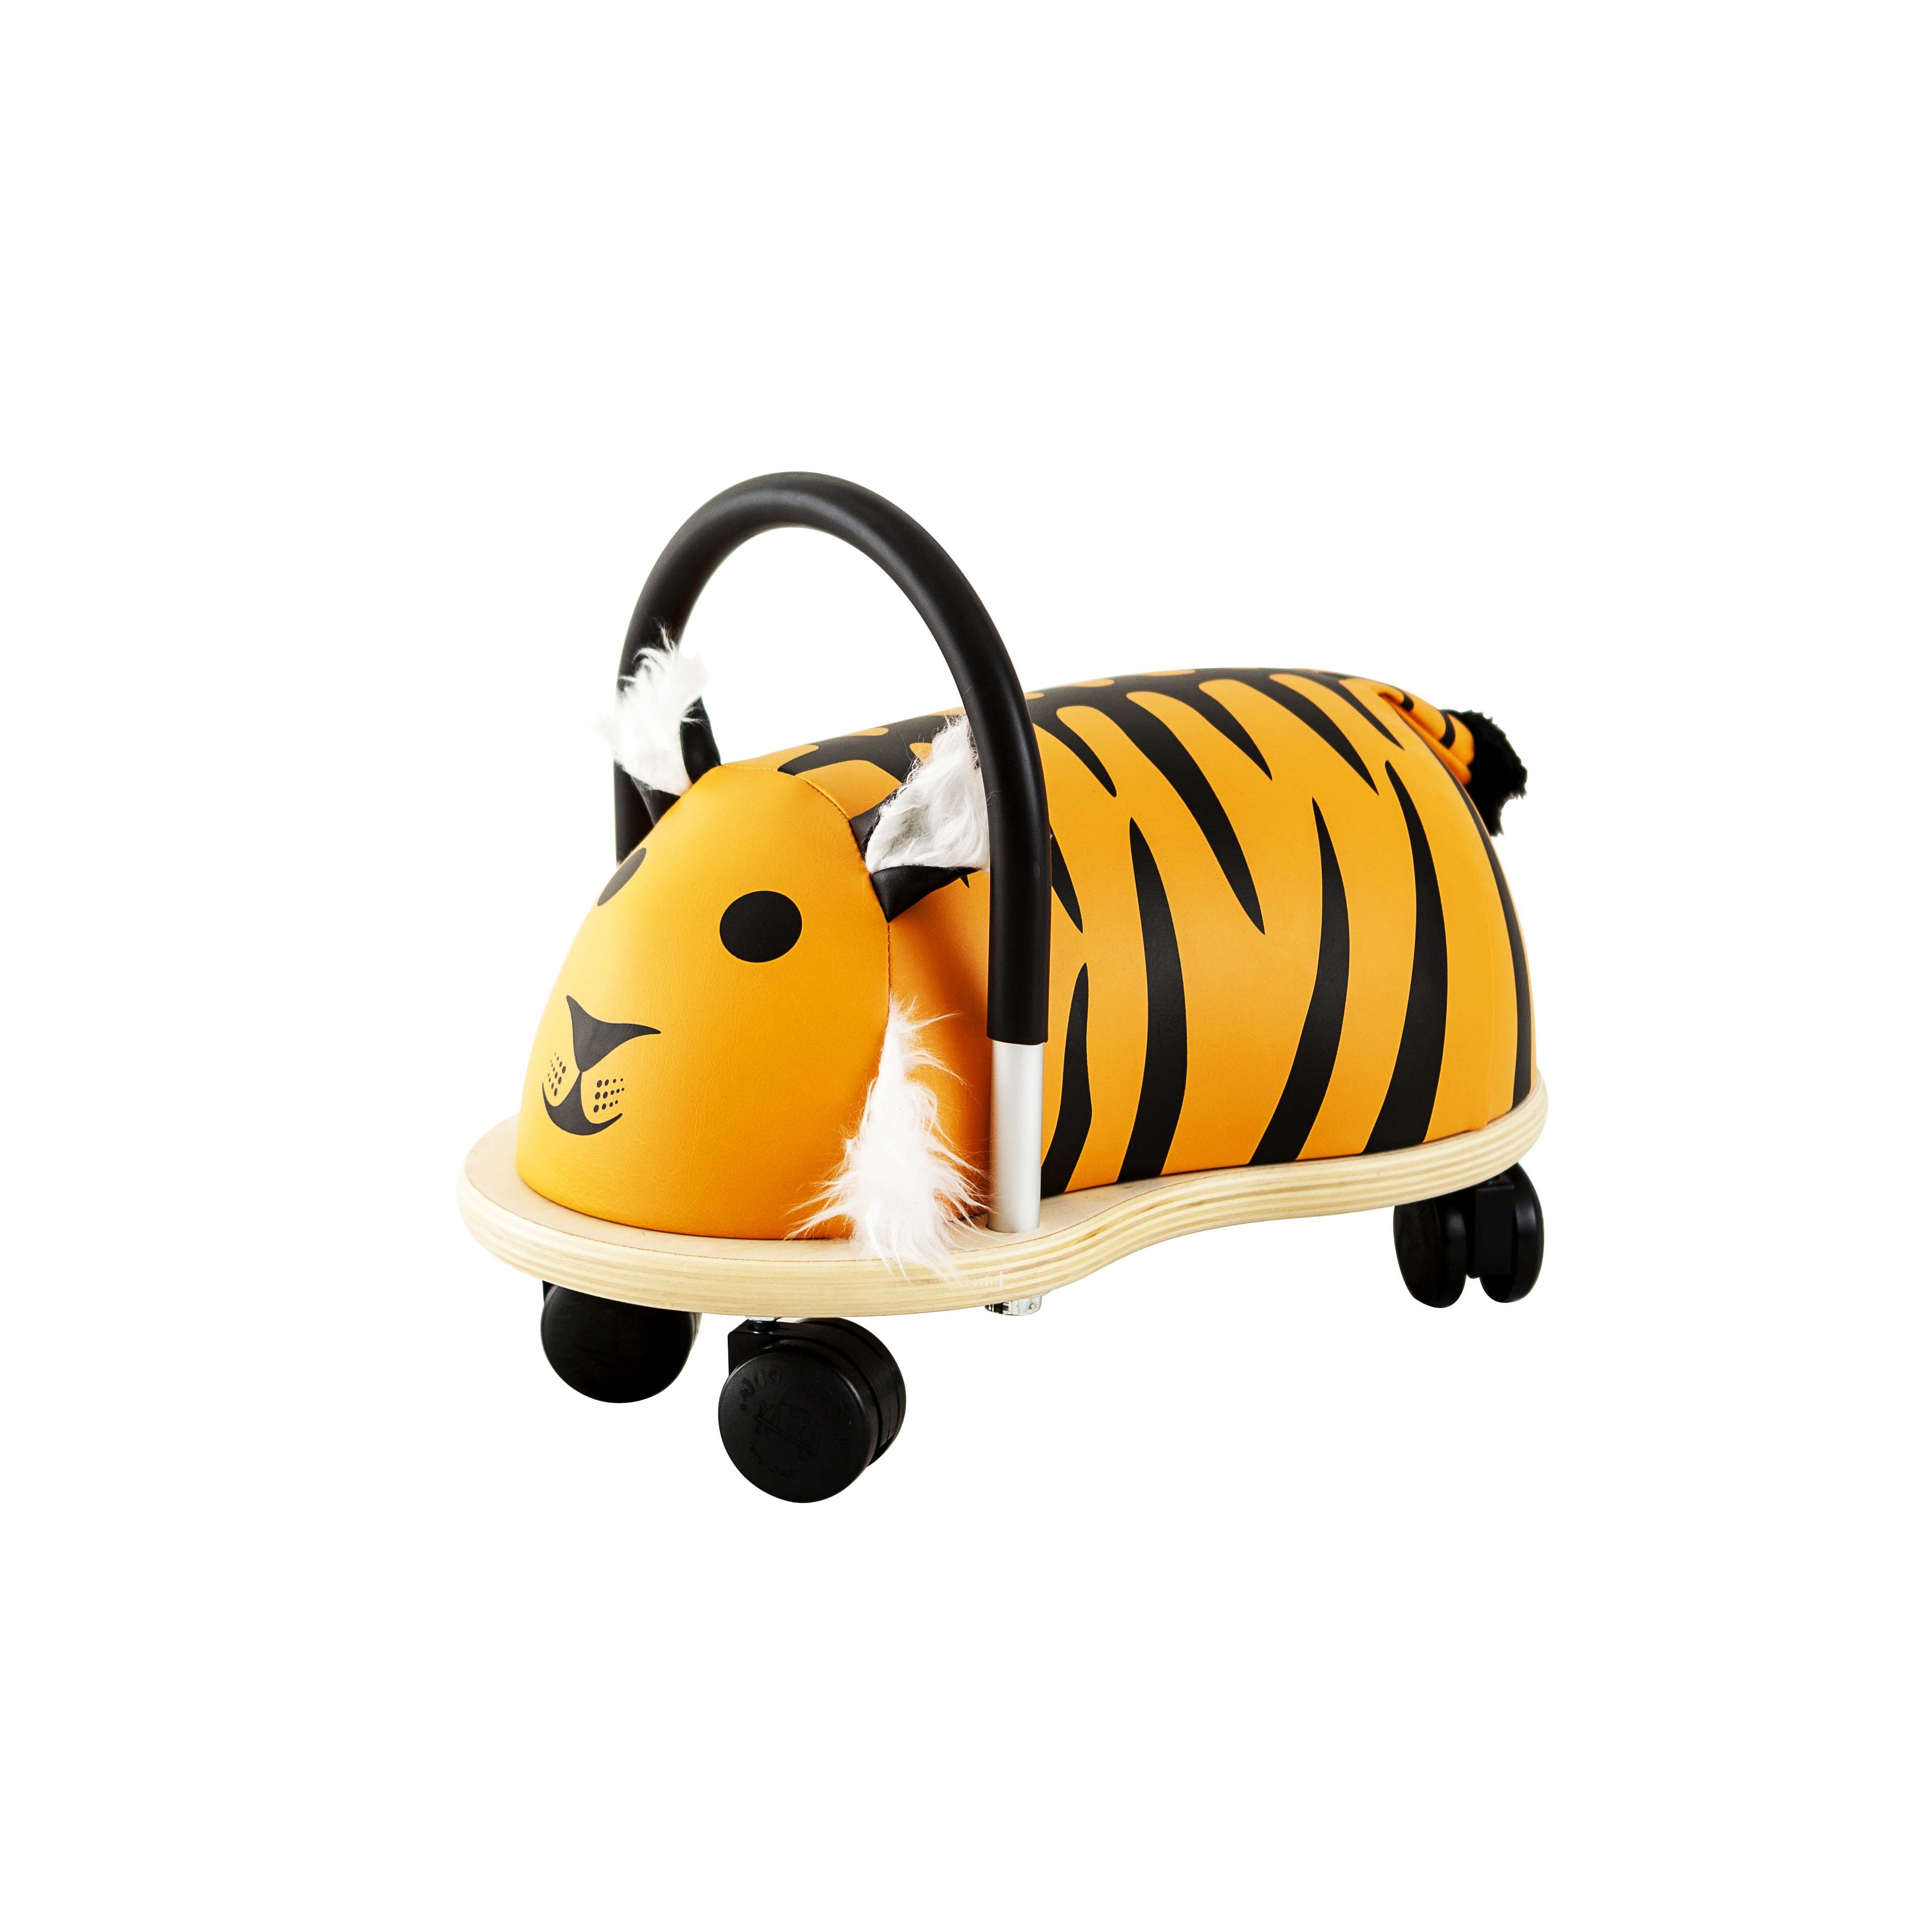 Wheely bug tiger - stor, +10 stk. på lager fra Wheely bug på pixizoo